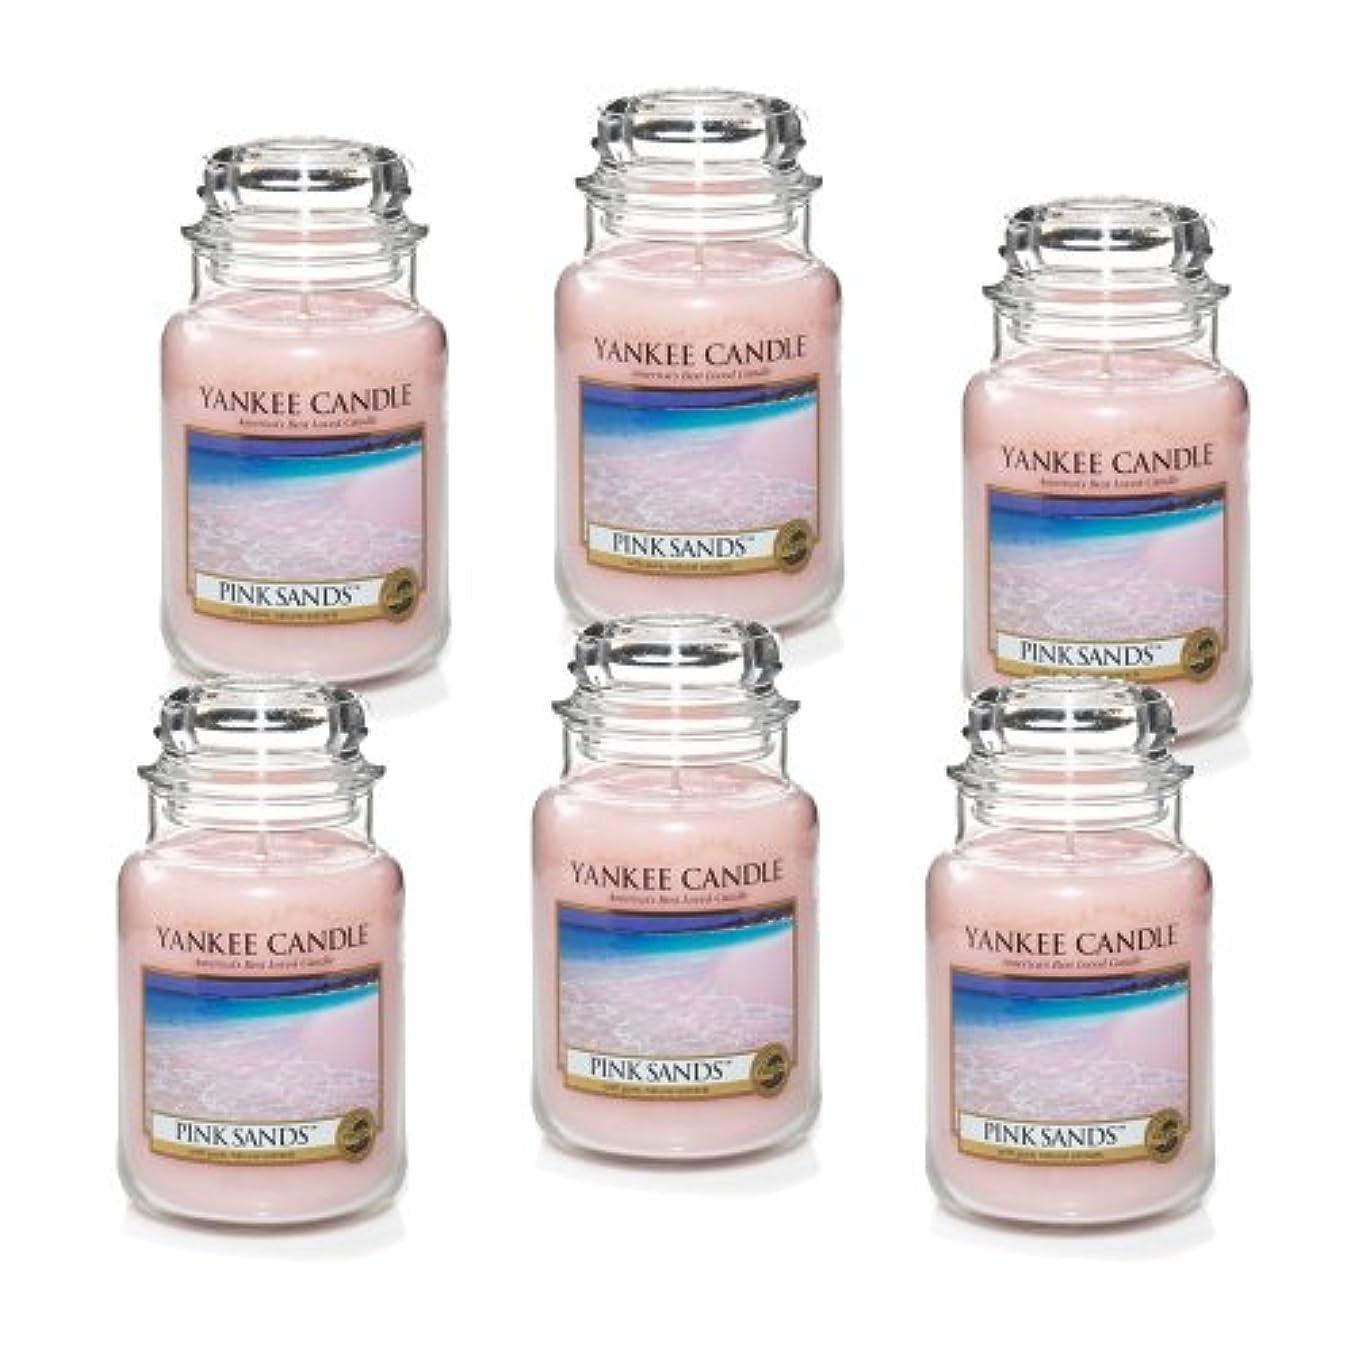 シティ首尾一貫した治すYankee Candle ピンクサンズ 大瓶 22オンス キャンドル Set of 6 ピンク 1205337X6